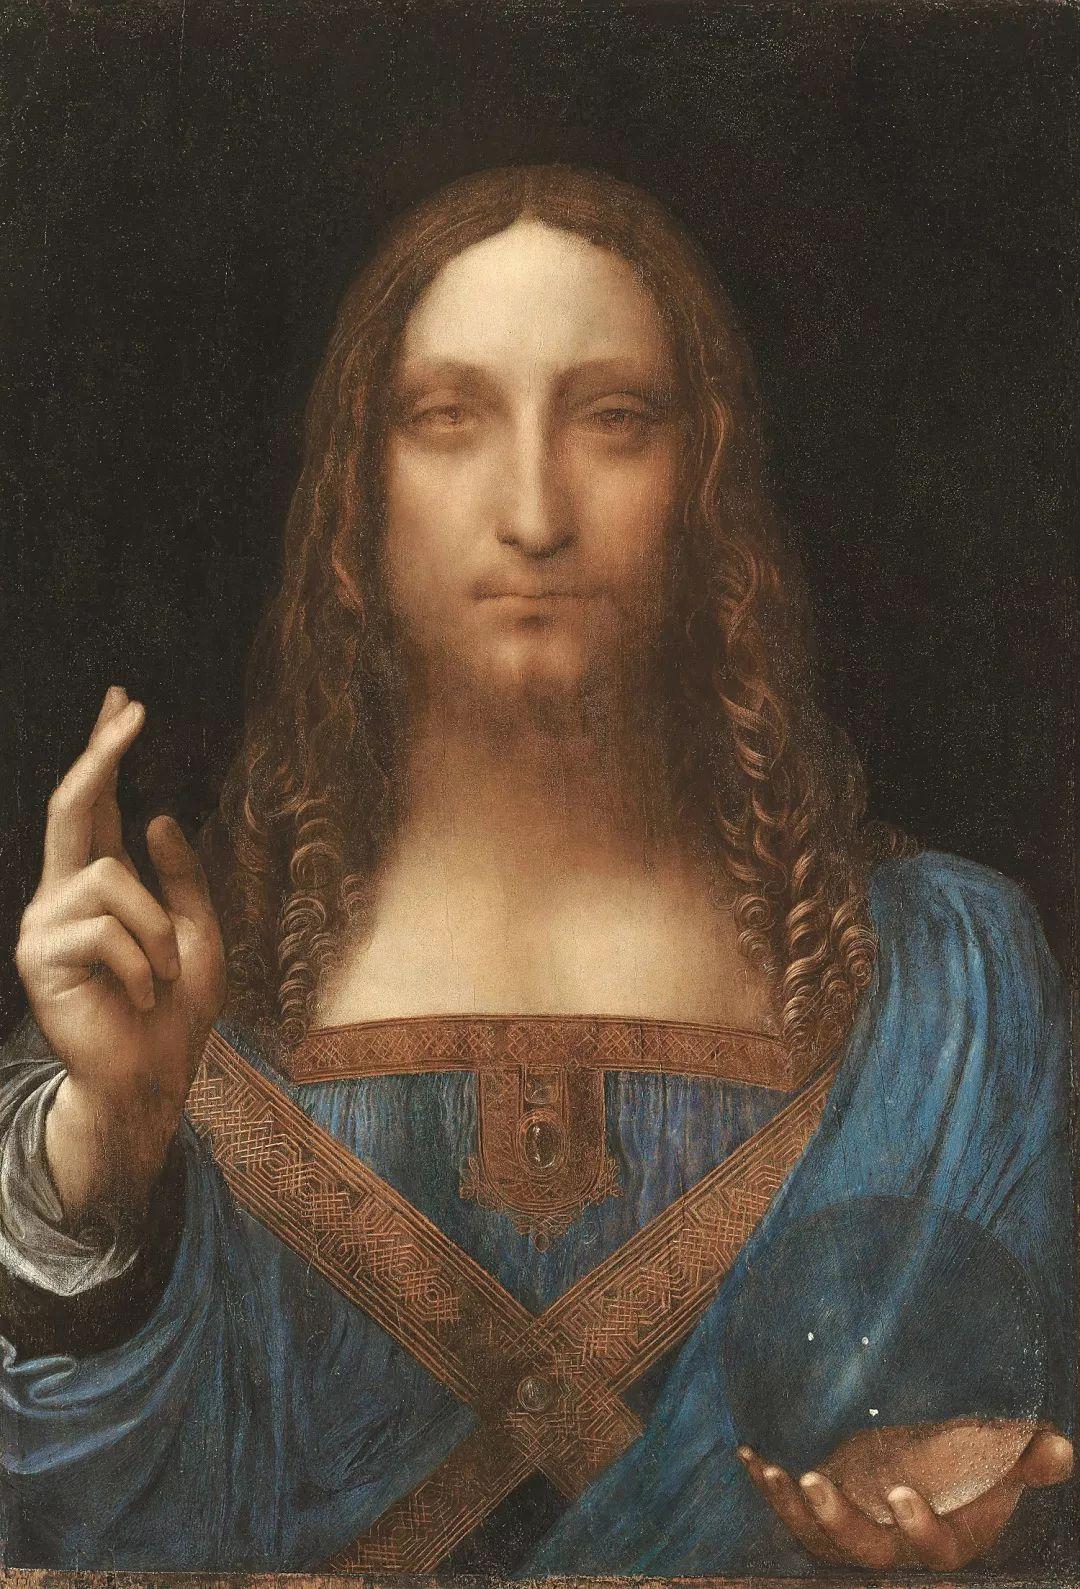 """2017年11月15日,佳士得拍卖了一幅名为《救世主》的绘画作品,它最终以4.5亿美元(包括手续费)售出,创下单一艺术品的最高拍卖价纪录。1958年,当它作为某位收藏者的遗产被拍卖时,成交价还不到一百美元。这幅名为《救世主》作品创作时间可以追溯到1500年,一度失踪了几百年,它被发现时已经被后人涂上过多层油彩,画面残破,而且一直被认为是列奥纳多作品的摹本。2005年,这幅画再次被转卖,买家认为这幅画不仅仅是摹本。后来这幅画经历了长达六年的鉴定和清理修复。2007年协助修复作品的一位工作人员仍记得清除表层油彩后发现是列奥纳多真迹时的兴奋之情,她说:""""我的手不断地颤抖,我回家后以为自己疯了。"""""""